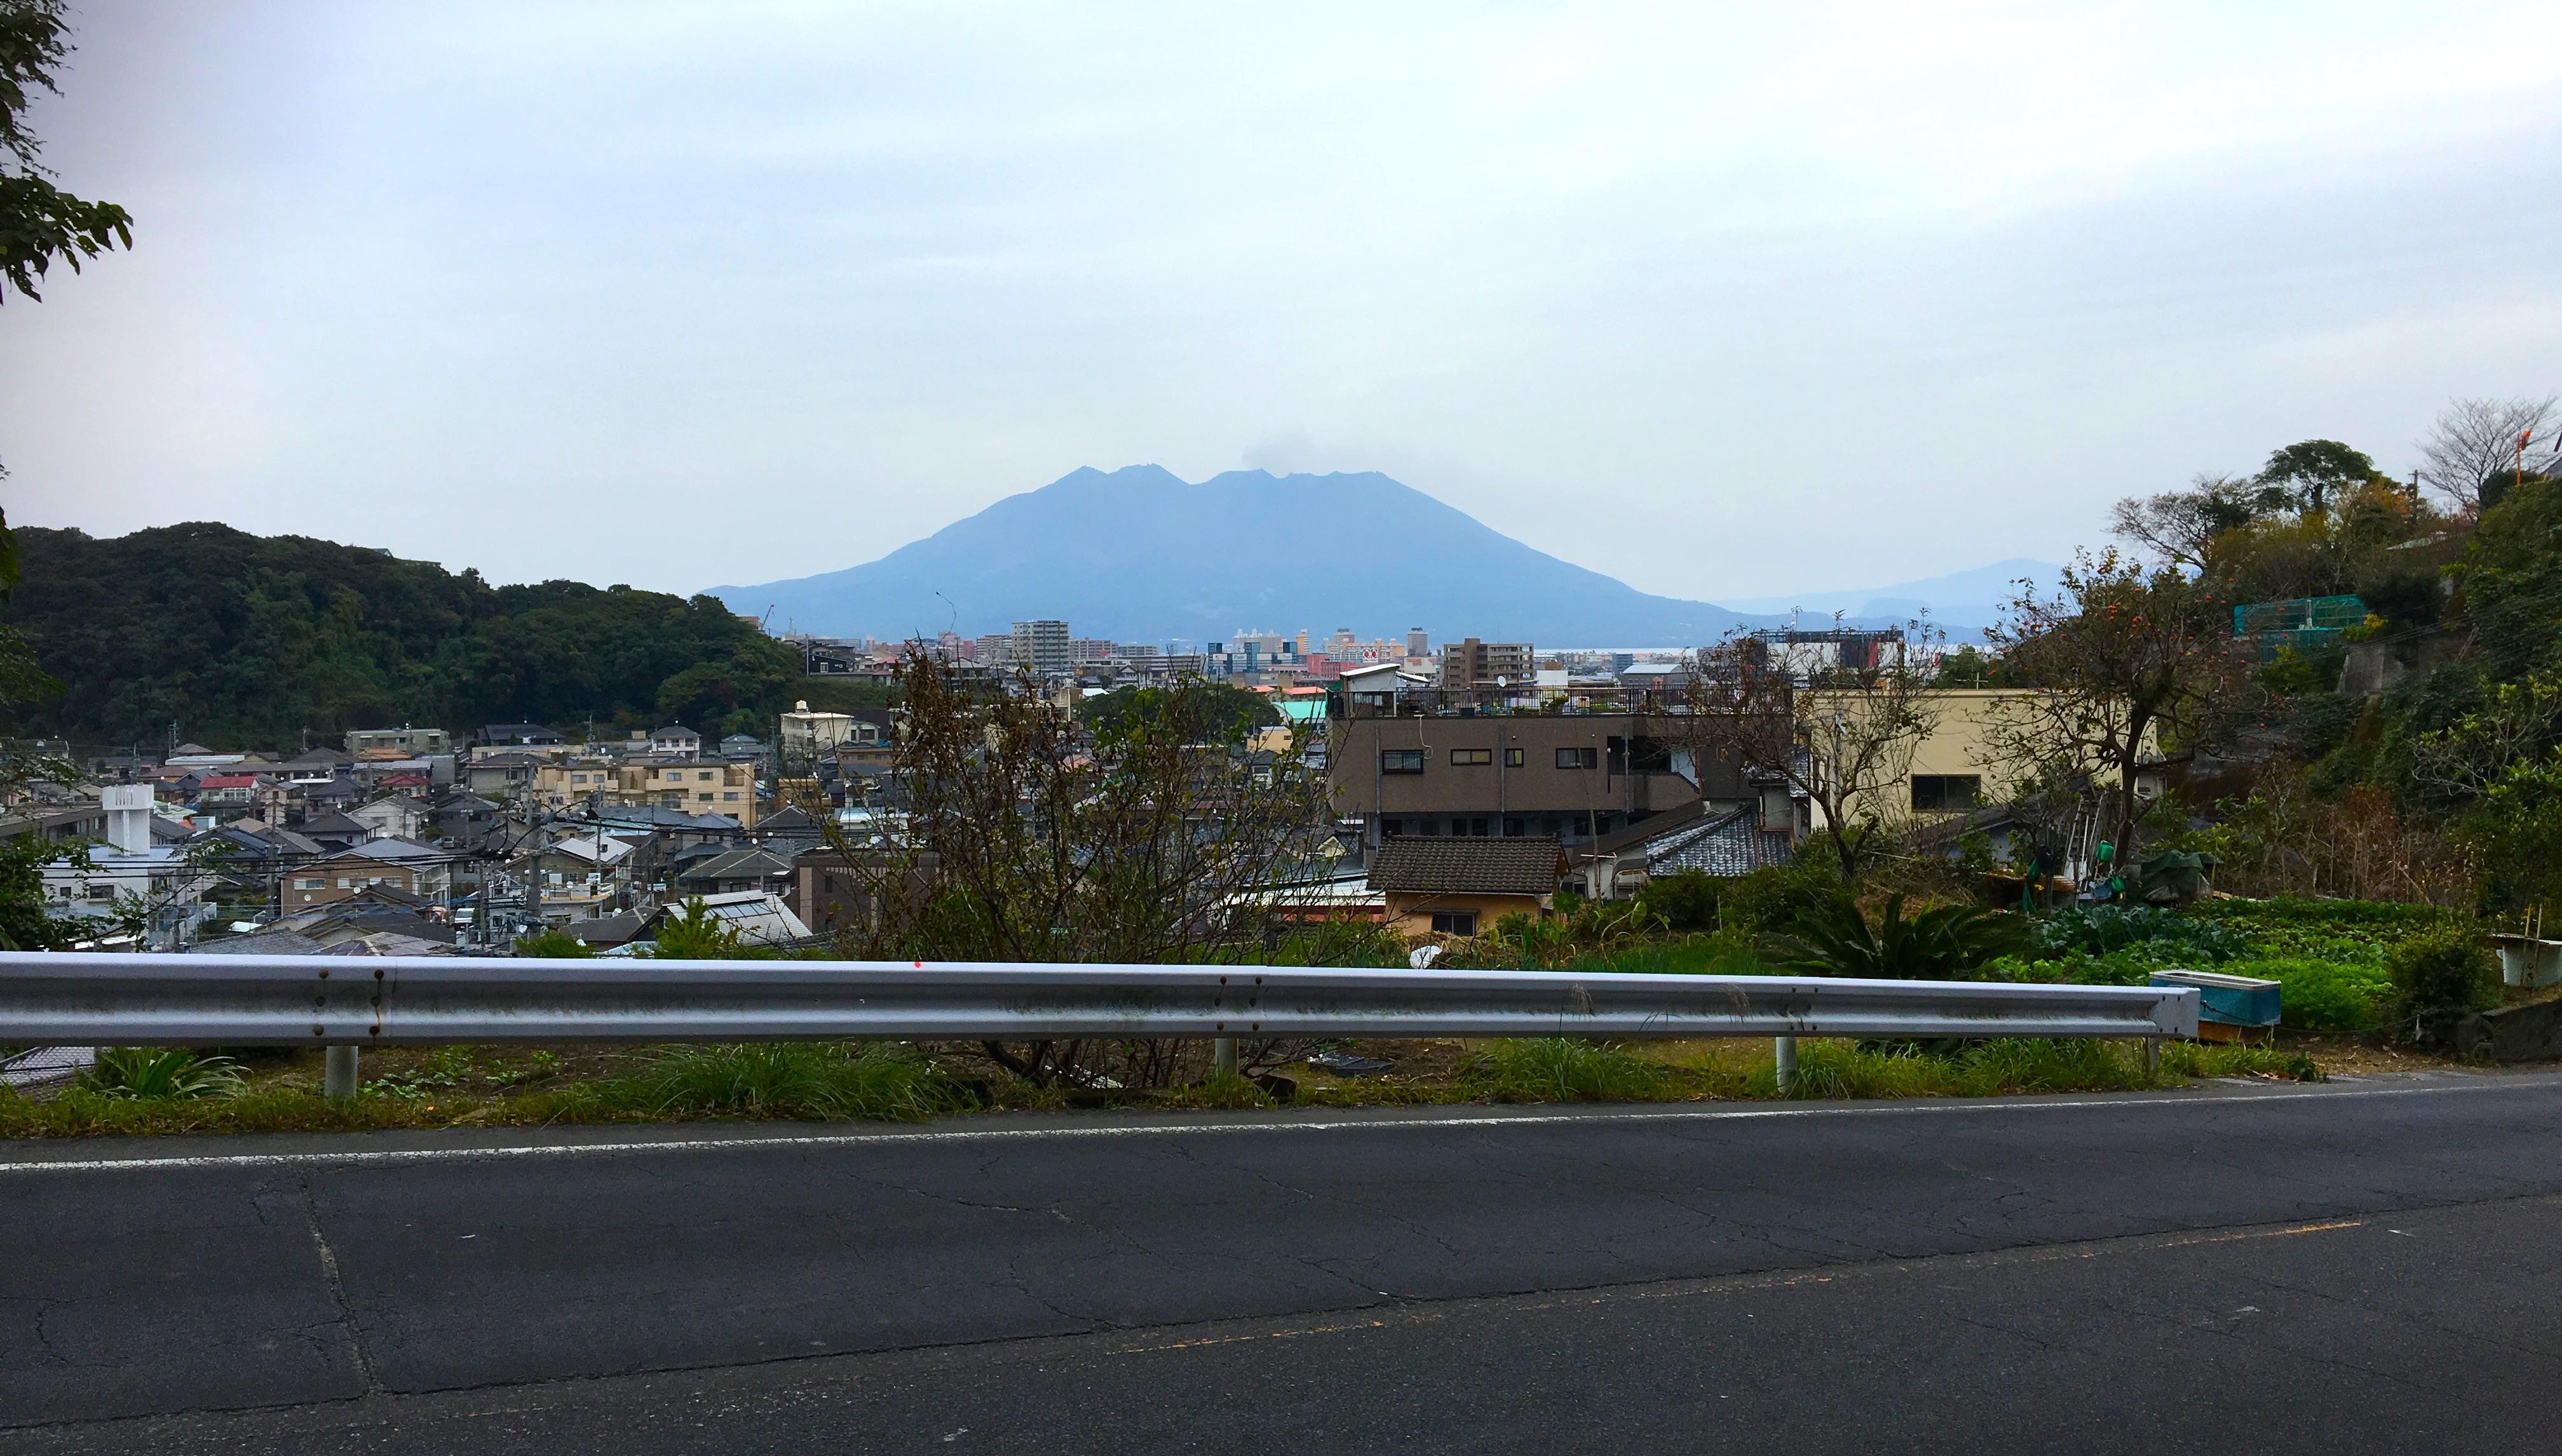 鹿児島大学 2次試験受験記 2017.11.25(土)